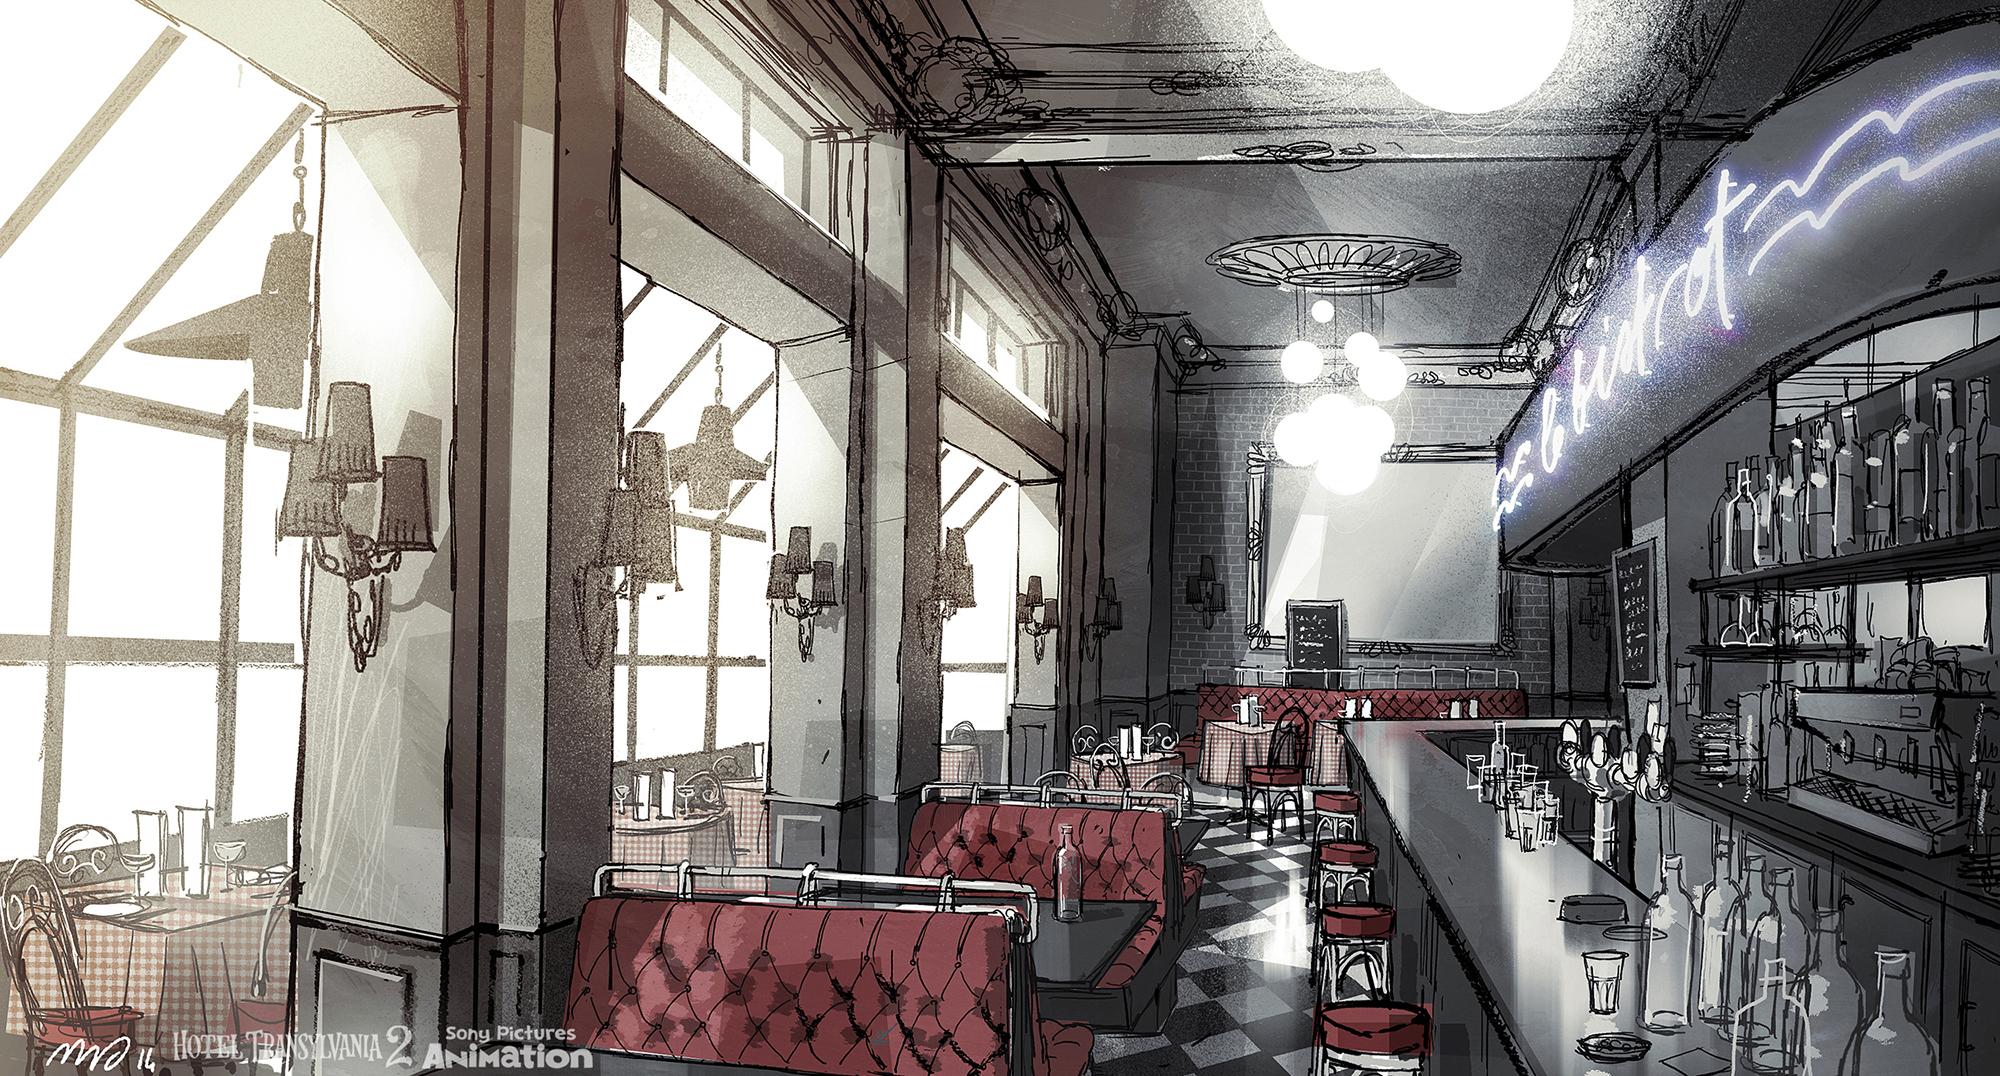 smarc-HT2-Paris-modern-bistro-interior01.jpg